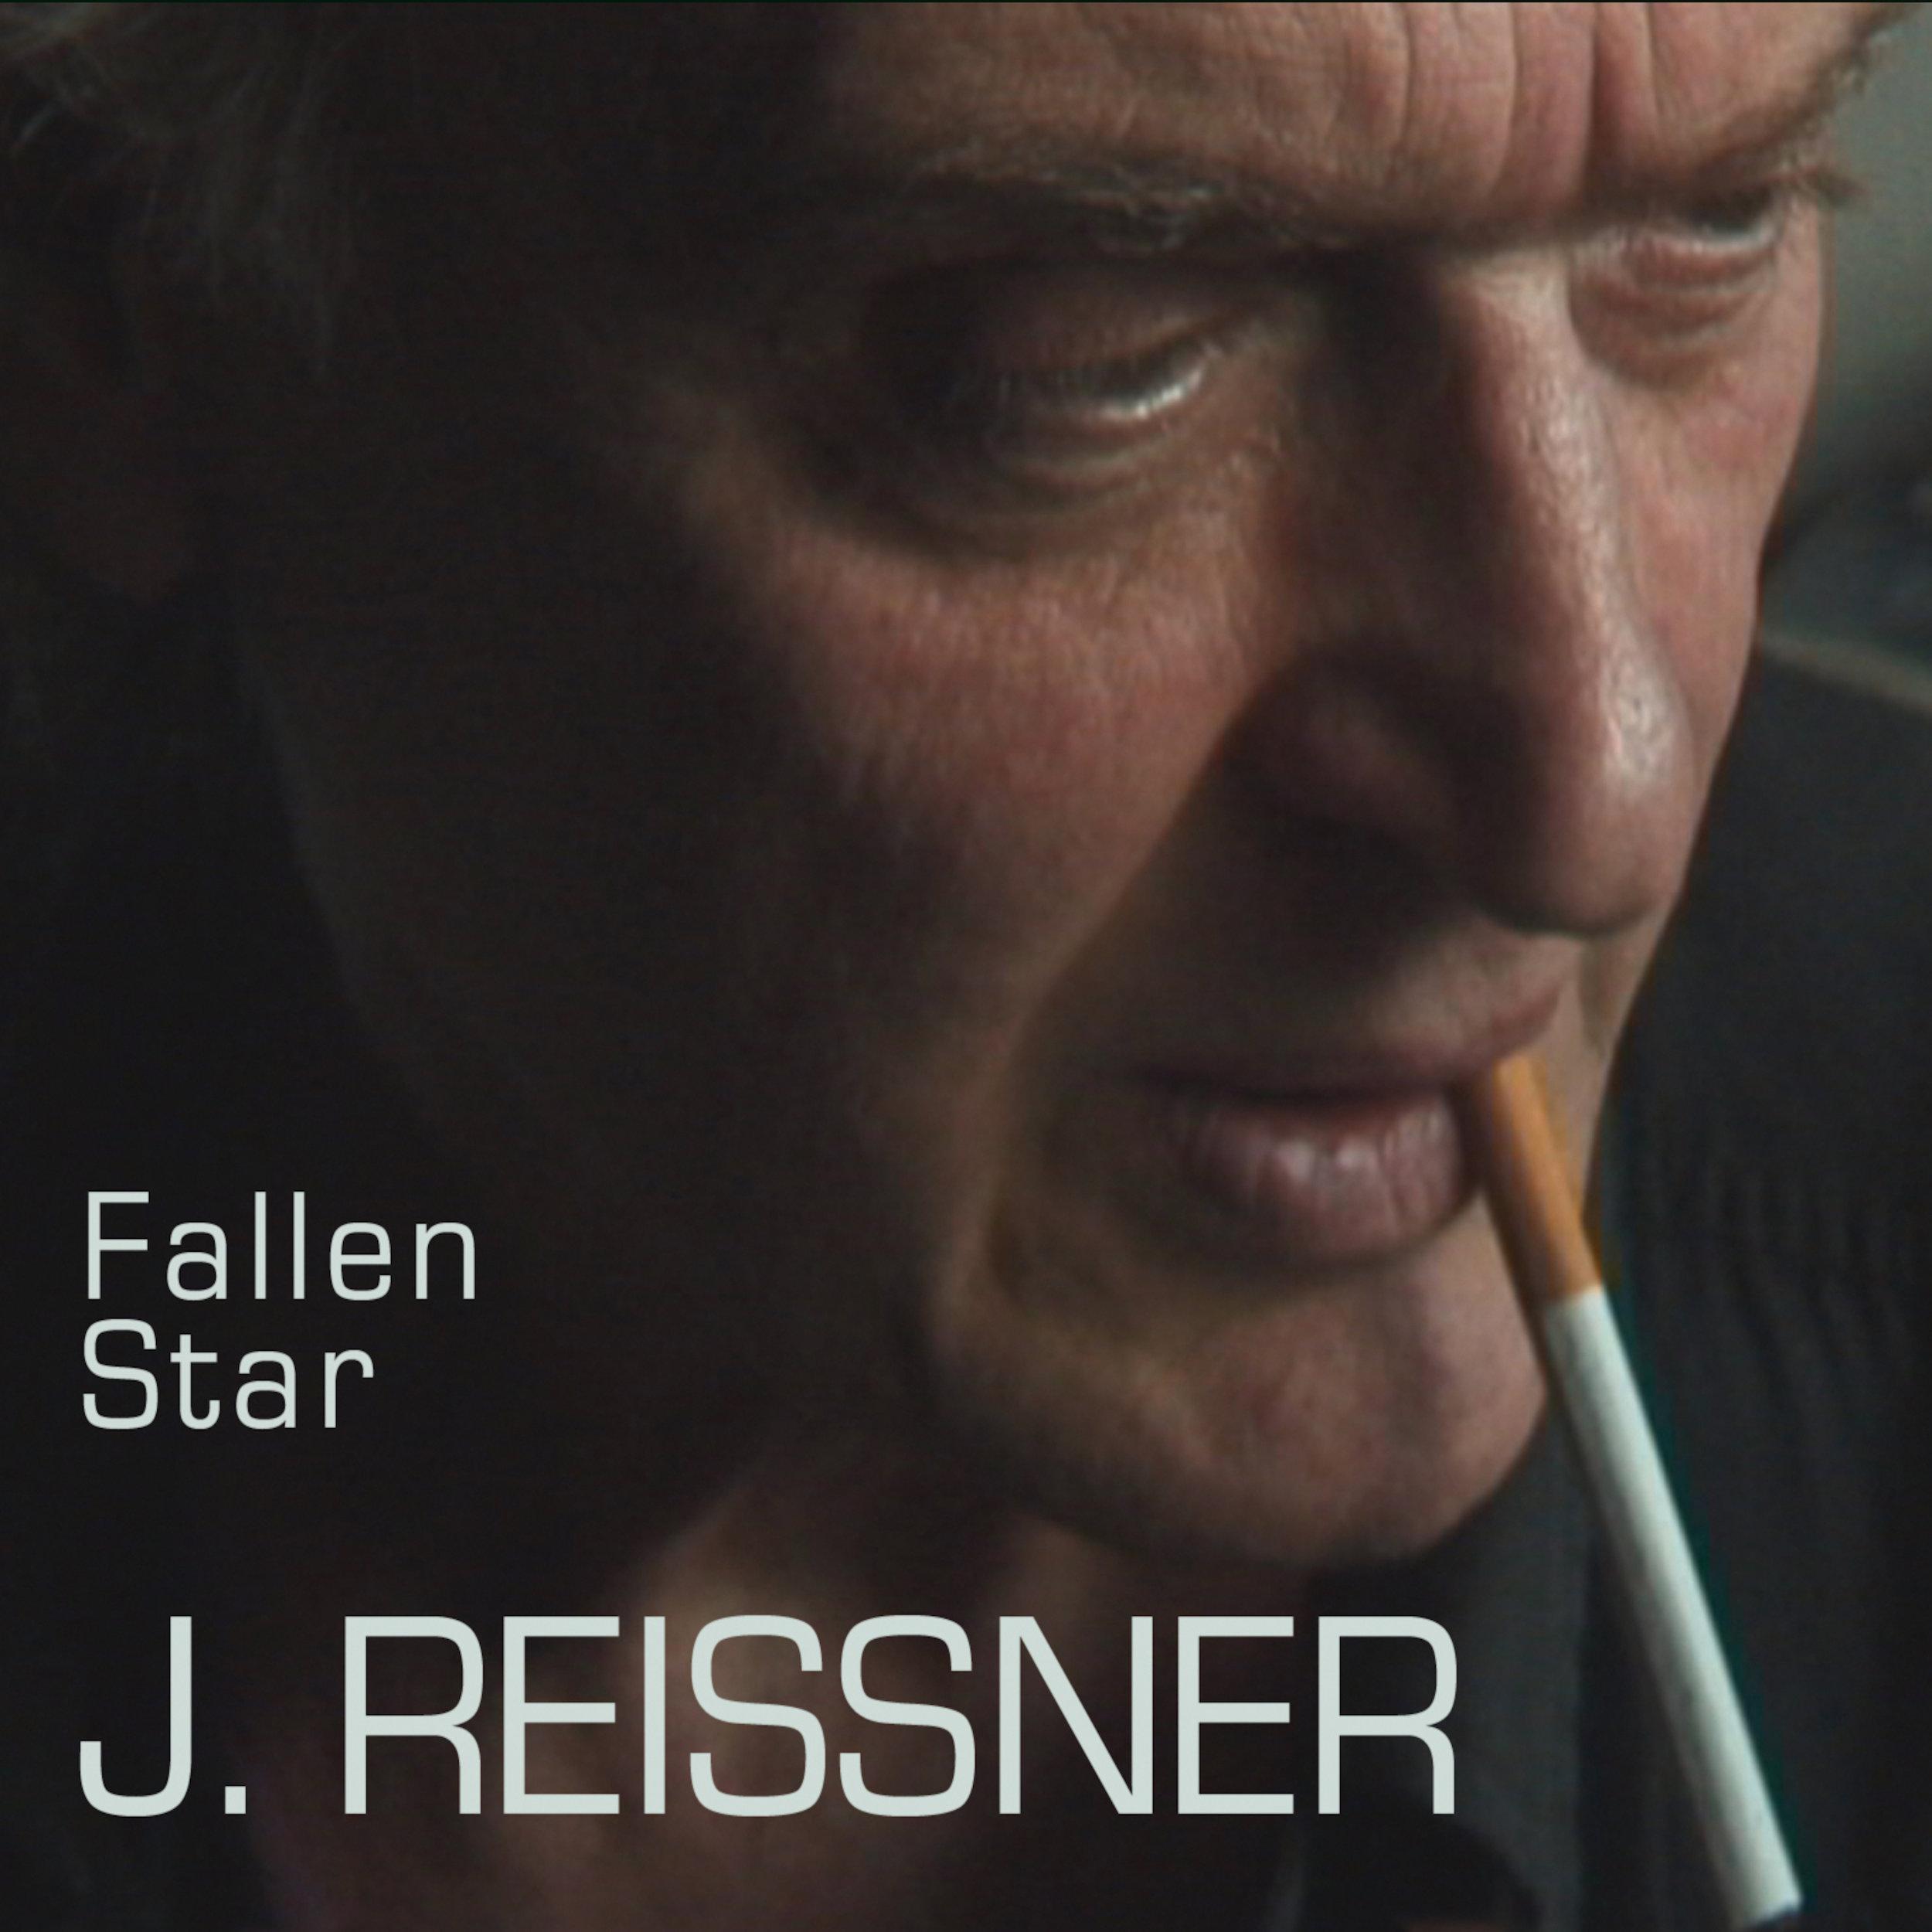 Fallen Star J. Reissner 3kx3k 300.jpg